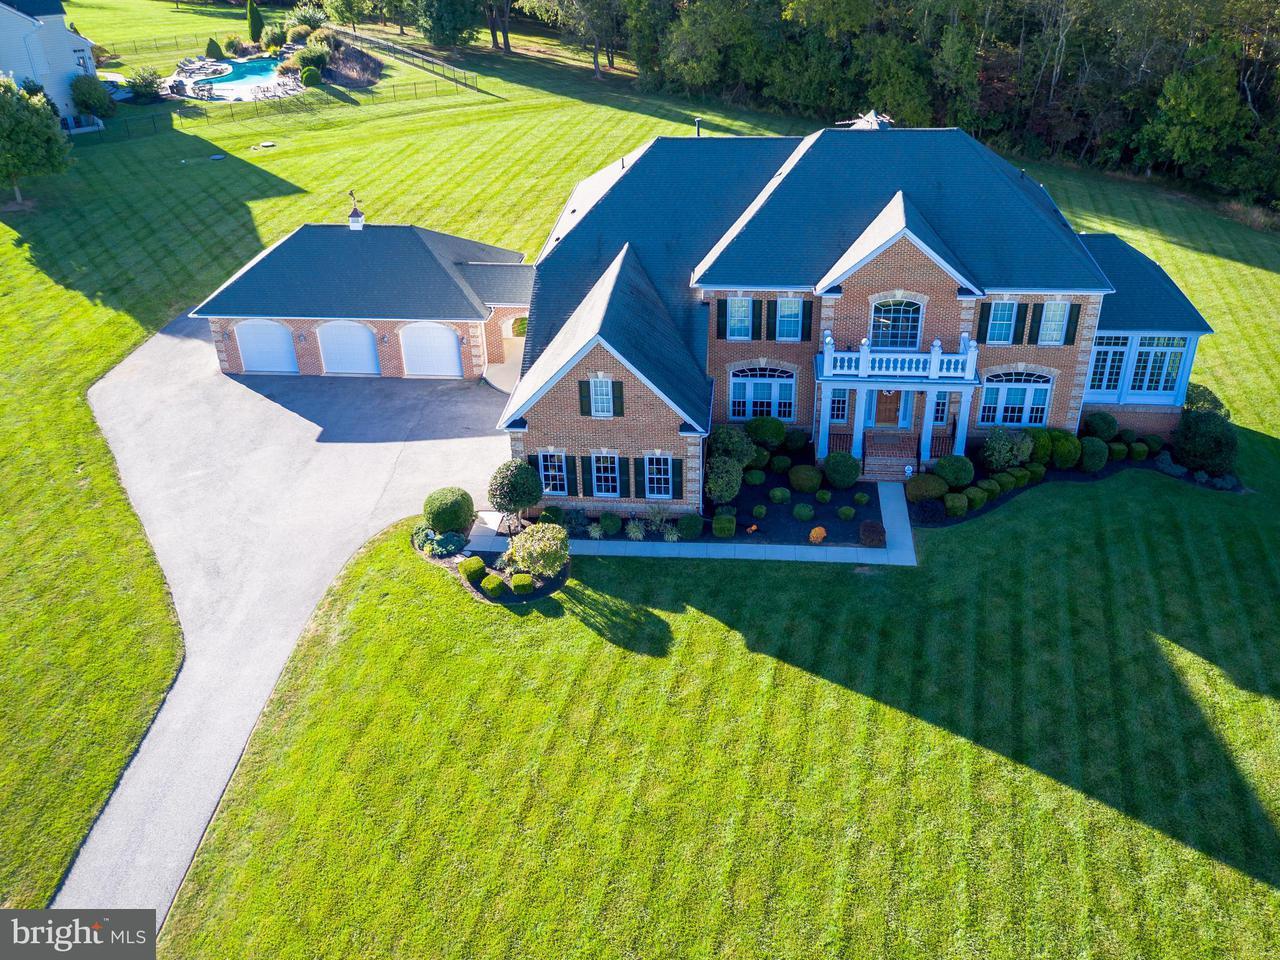 Maison unifamiliale pour l Vente à 4322 LAKE FOREST Court 4322 LAKE FOREST Court Finksburg, Maryland 21048 États-Unis